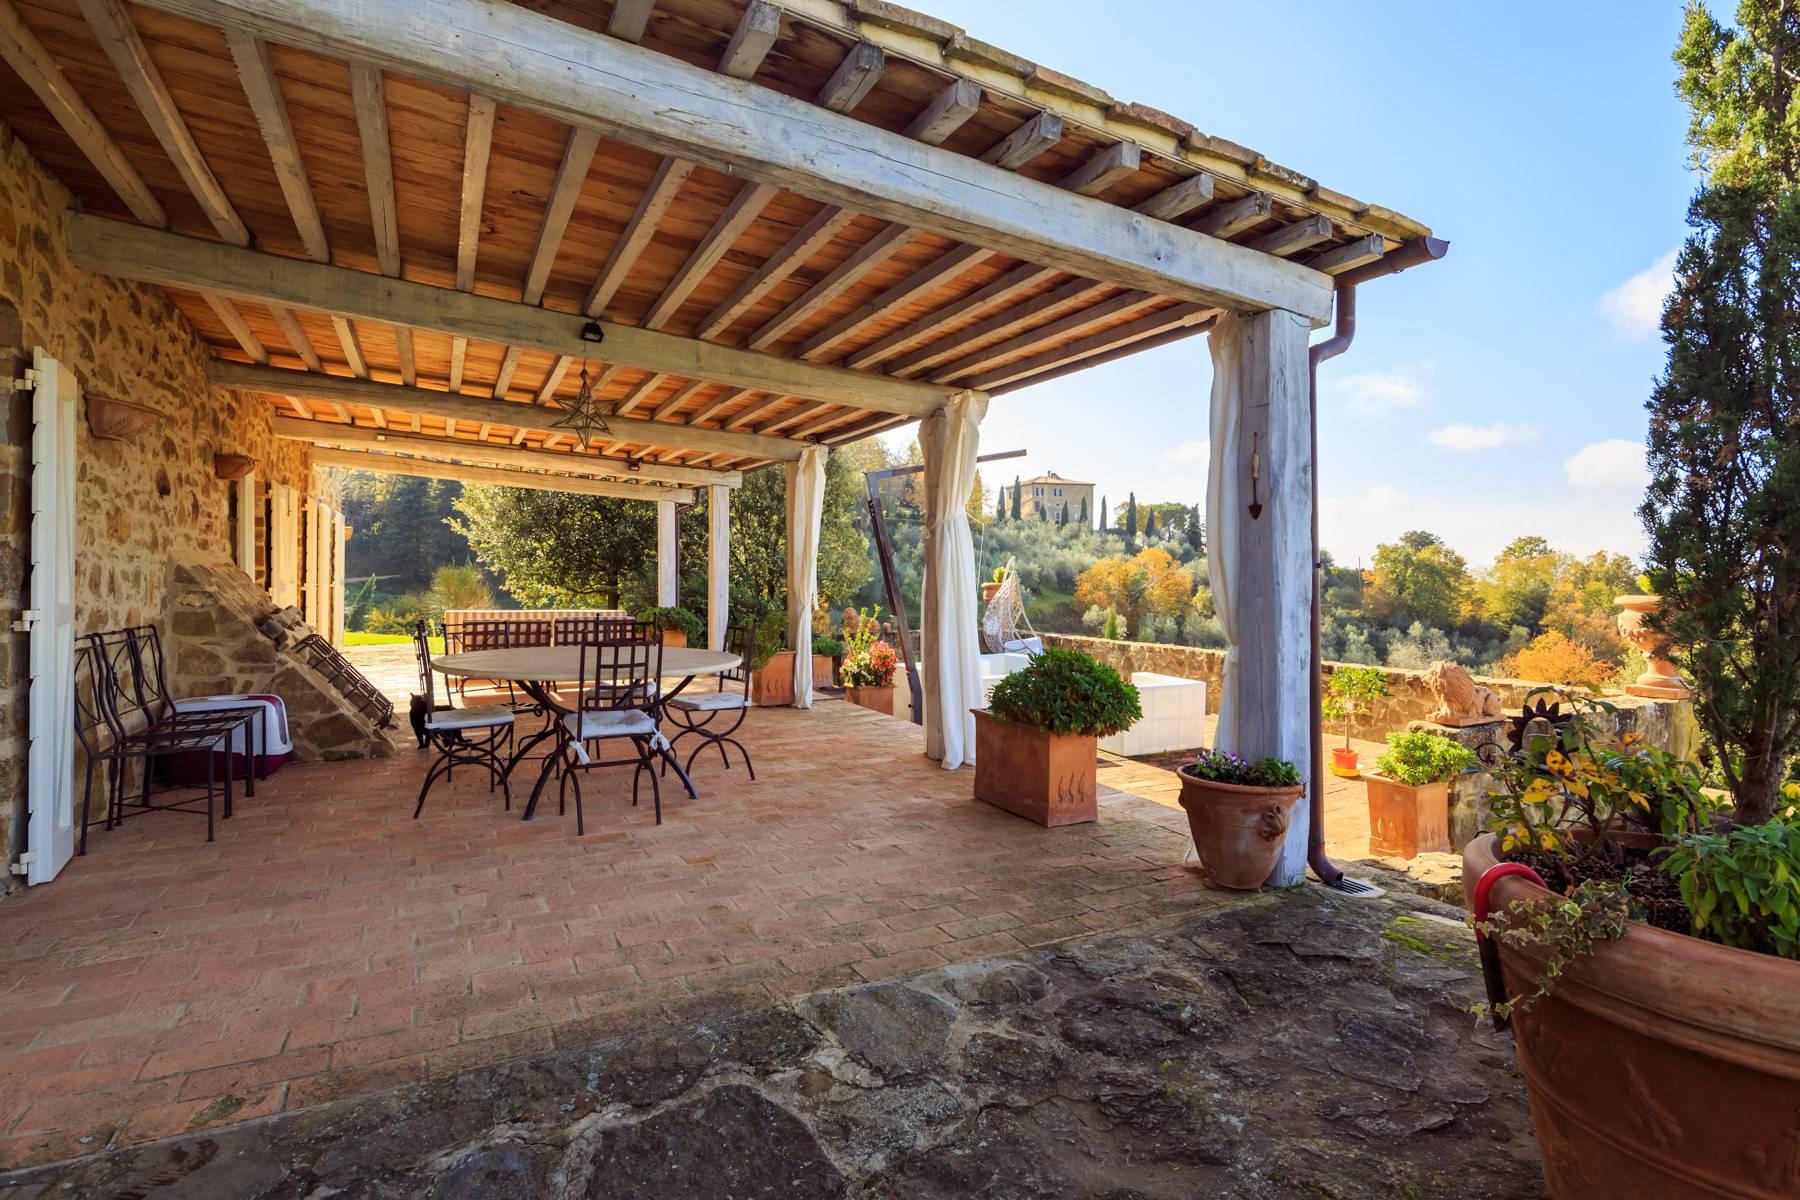 Rustico in Vendita a Montalcino: 5 locali, 300 mq - Foto 23